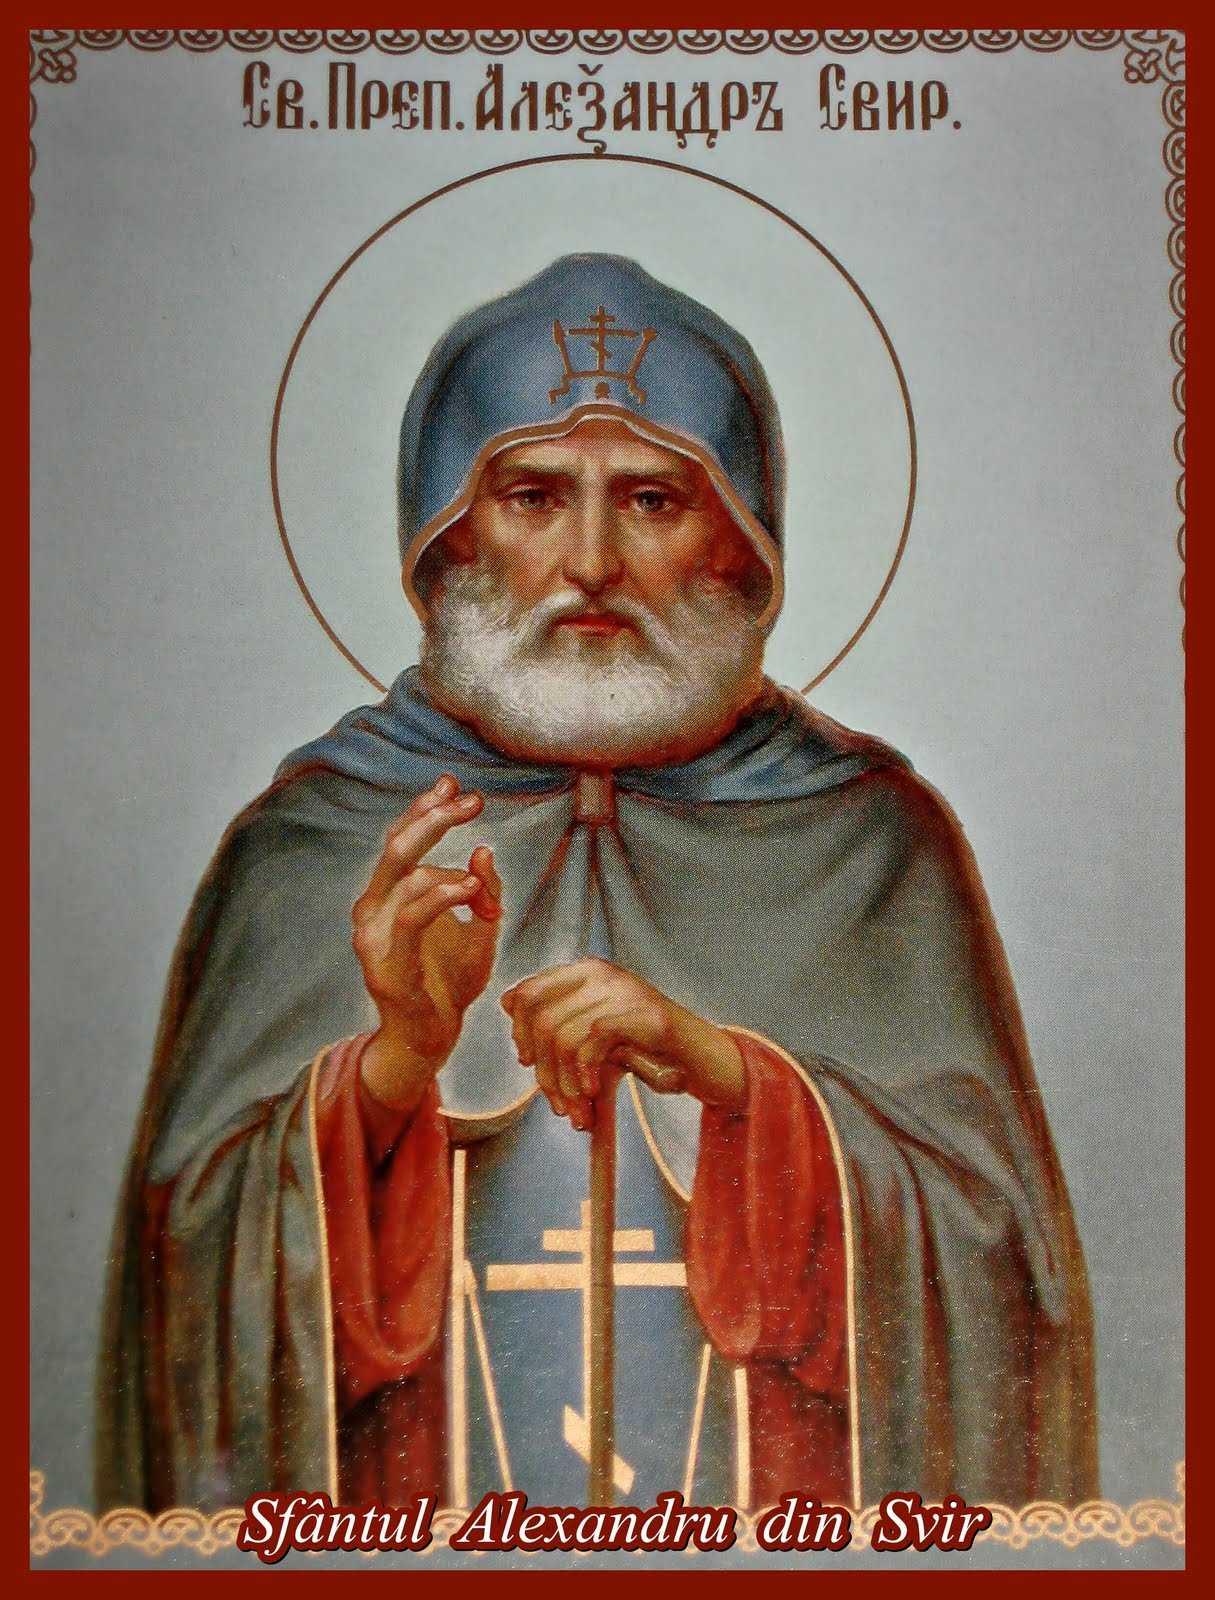 30 august – SFANTUL ALEXANDRU DIN SVIR (SVIRSKI), facatorul de minuni din Rusia caruia i s-a aratat Sfanta Treime